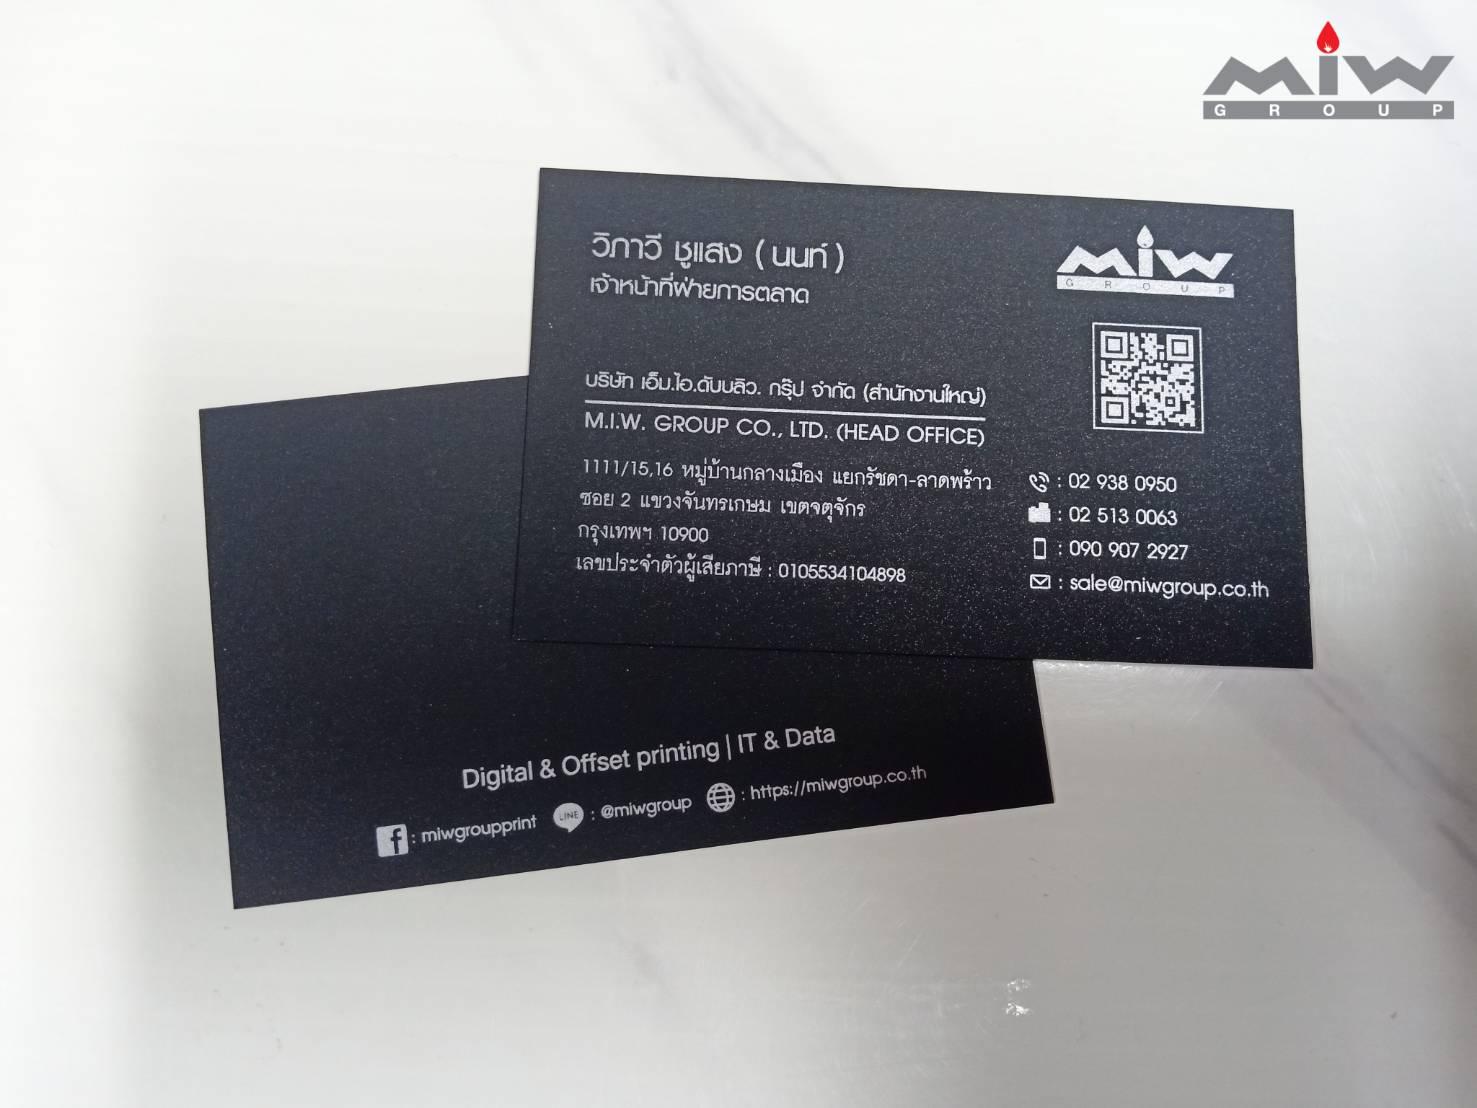 326470 - งานนามบัตร MIW Group